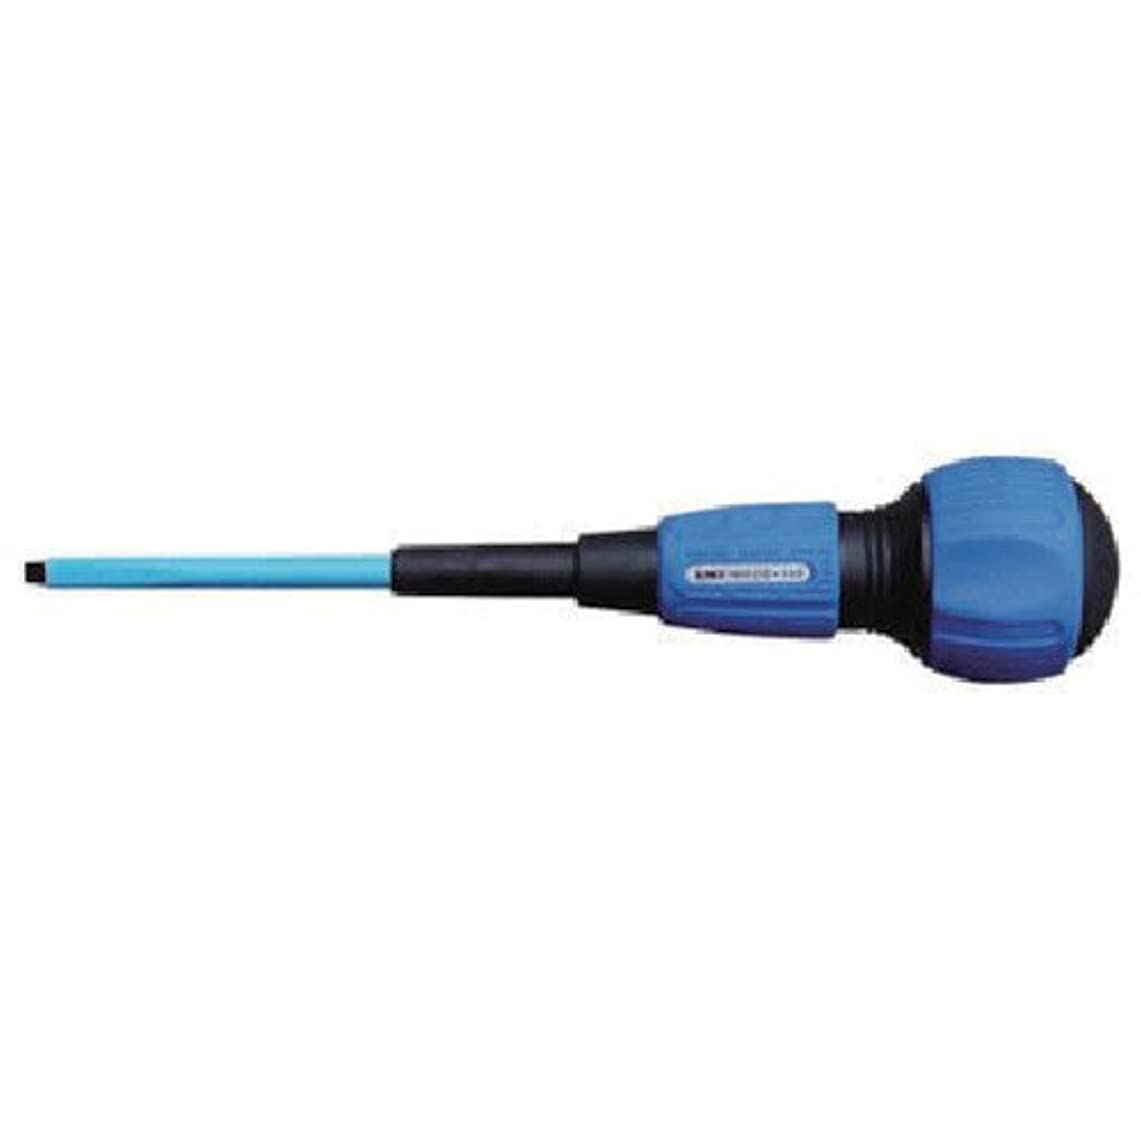 縁お勧め報酬のアネックス(ANEX) 絶縁ドライバー 電工タイプ 短絡防止 -5×100 No.7800